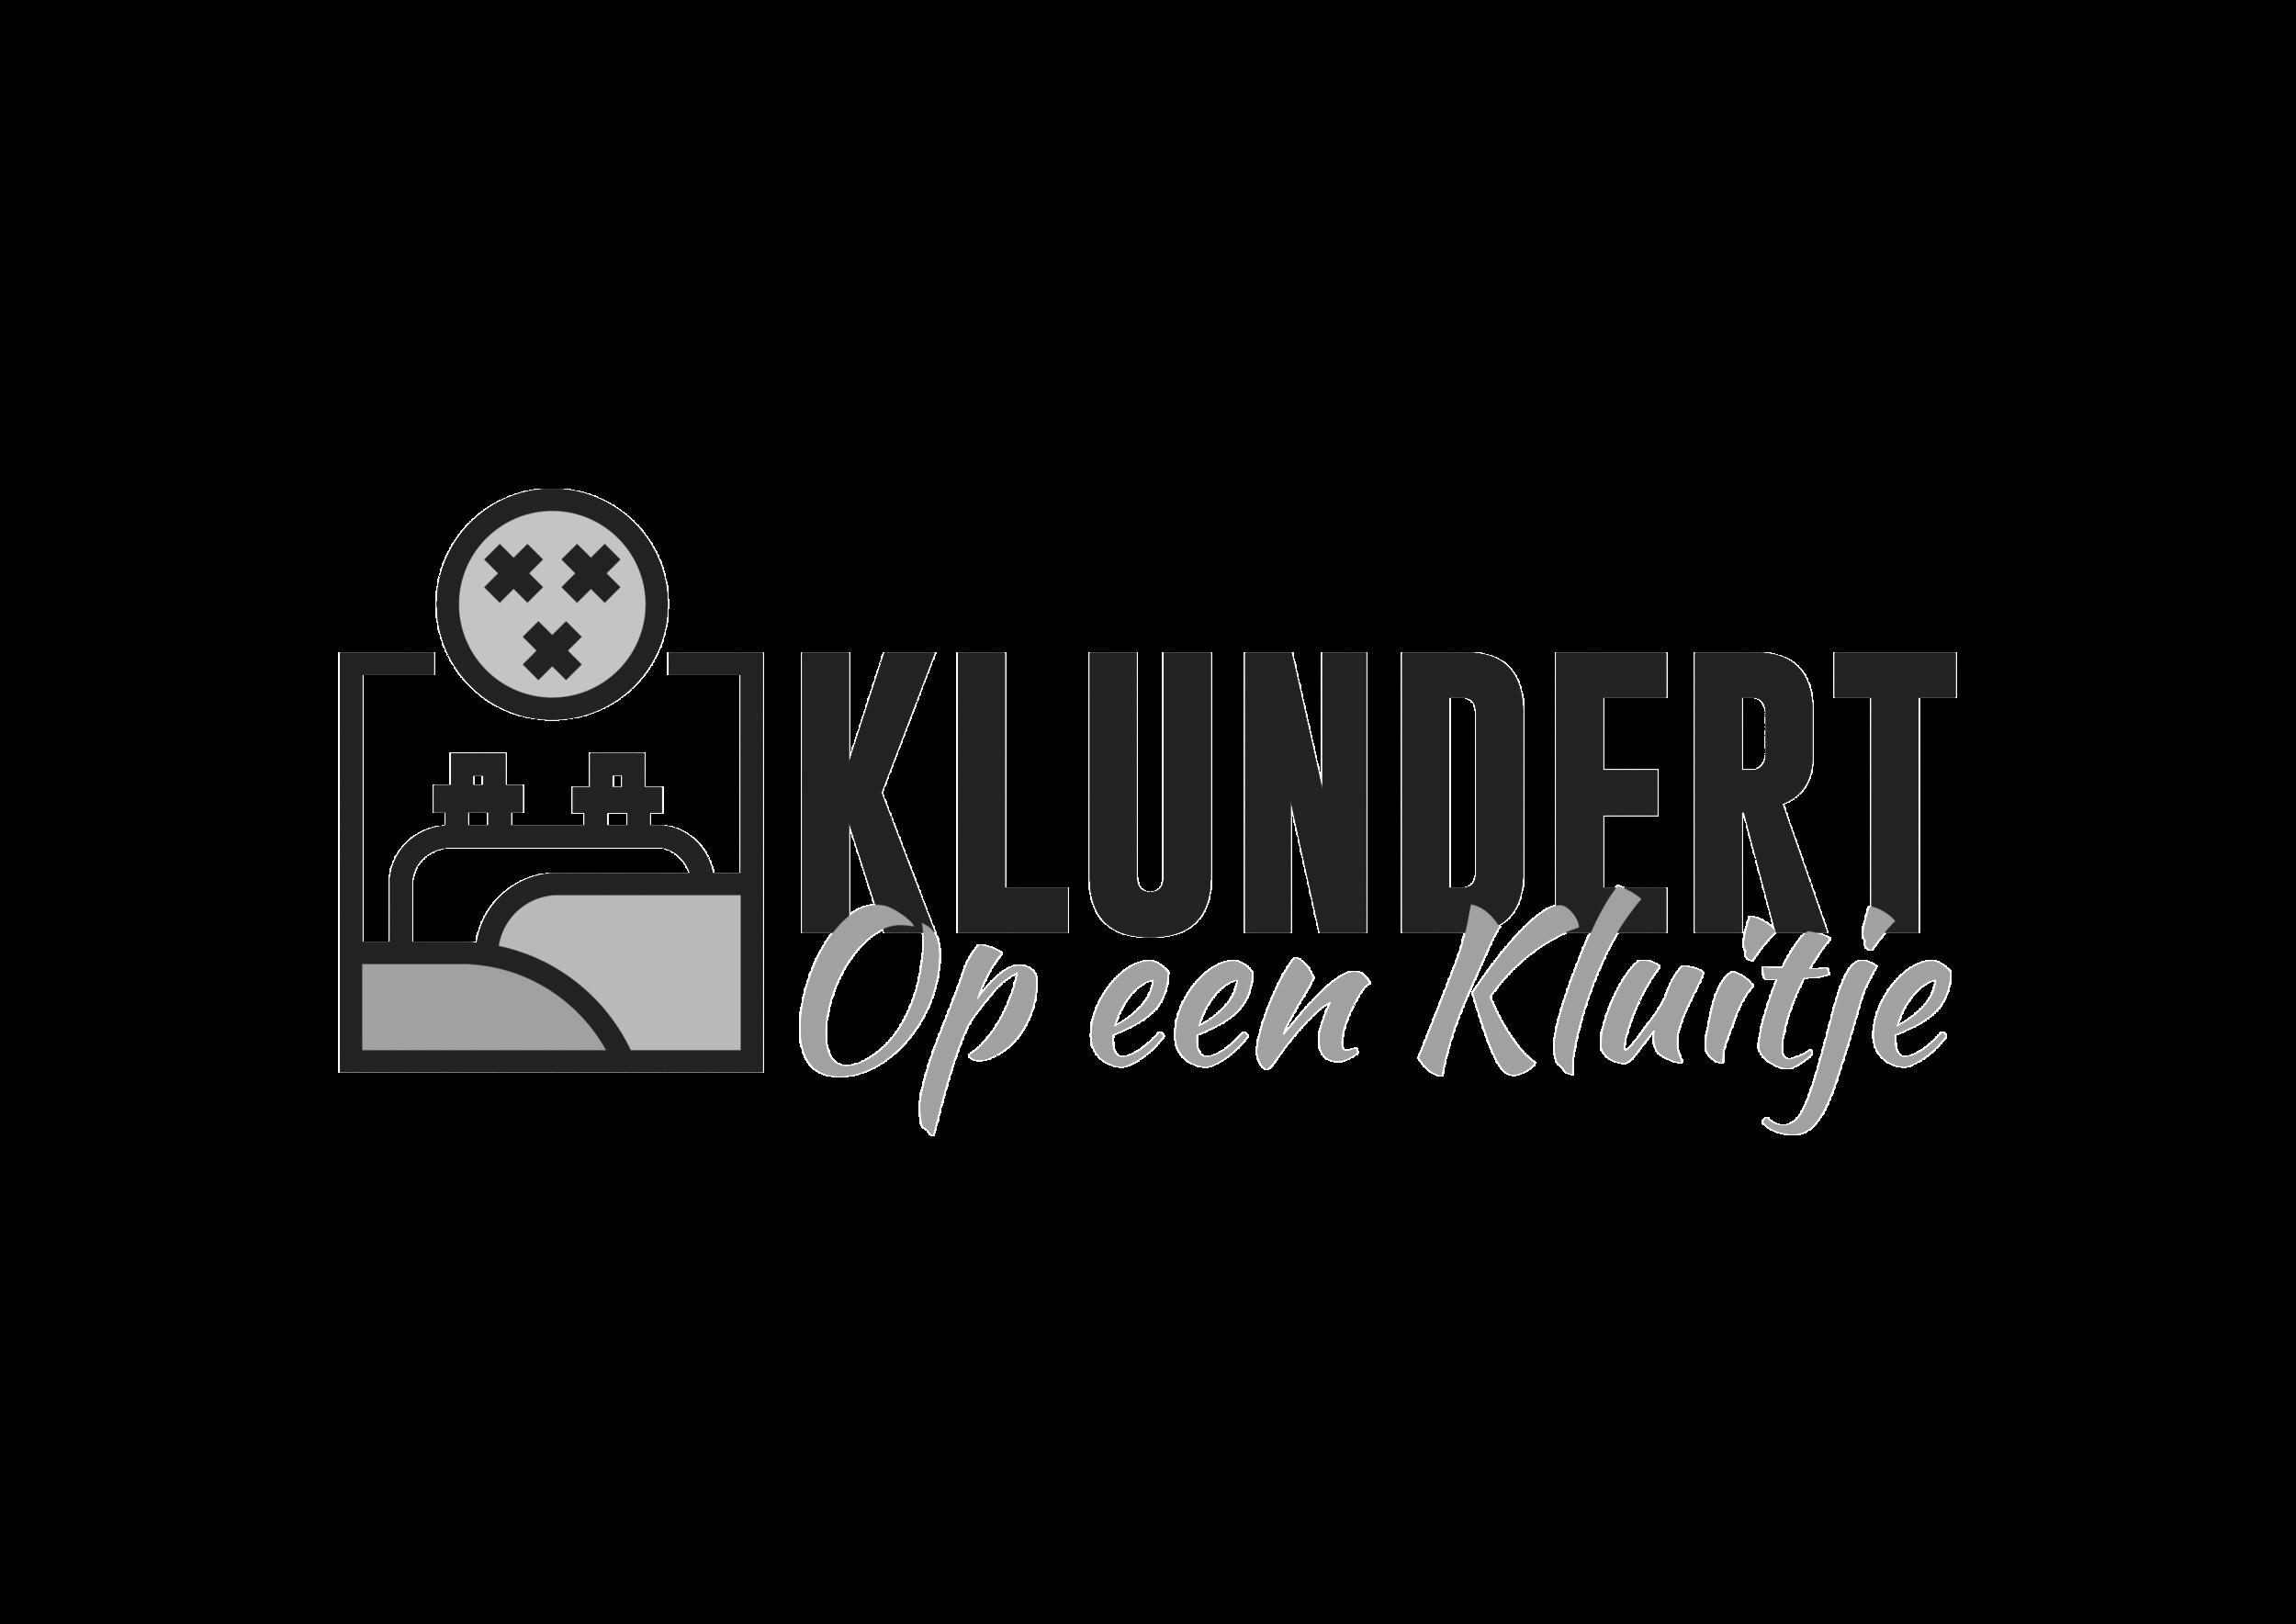 Klundert_Kluitje_Logo_Kleur_V12.png